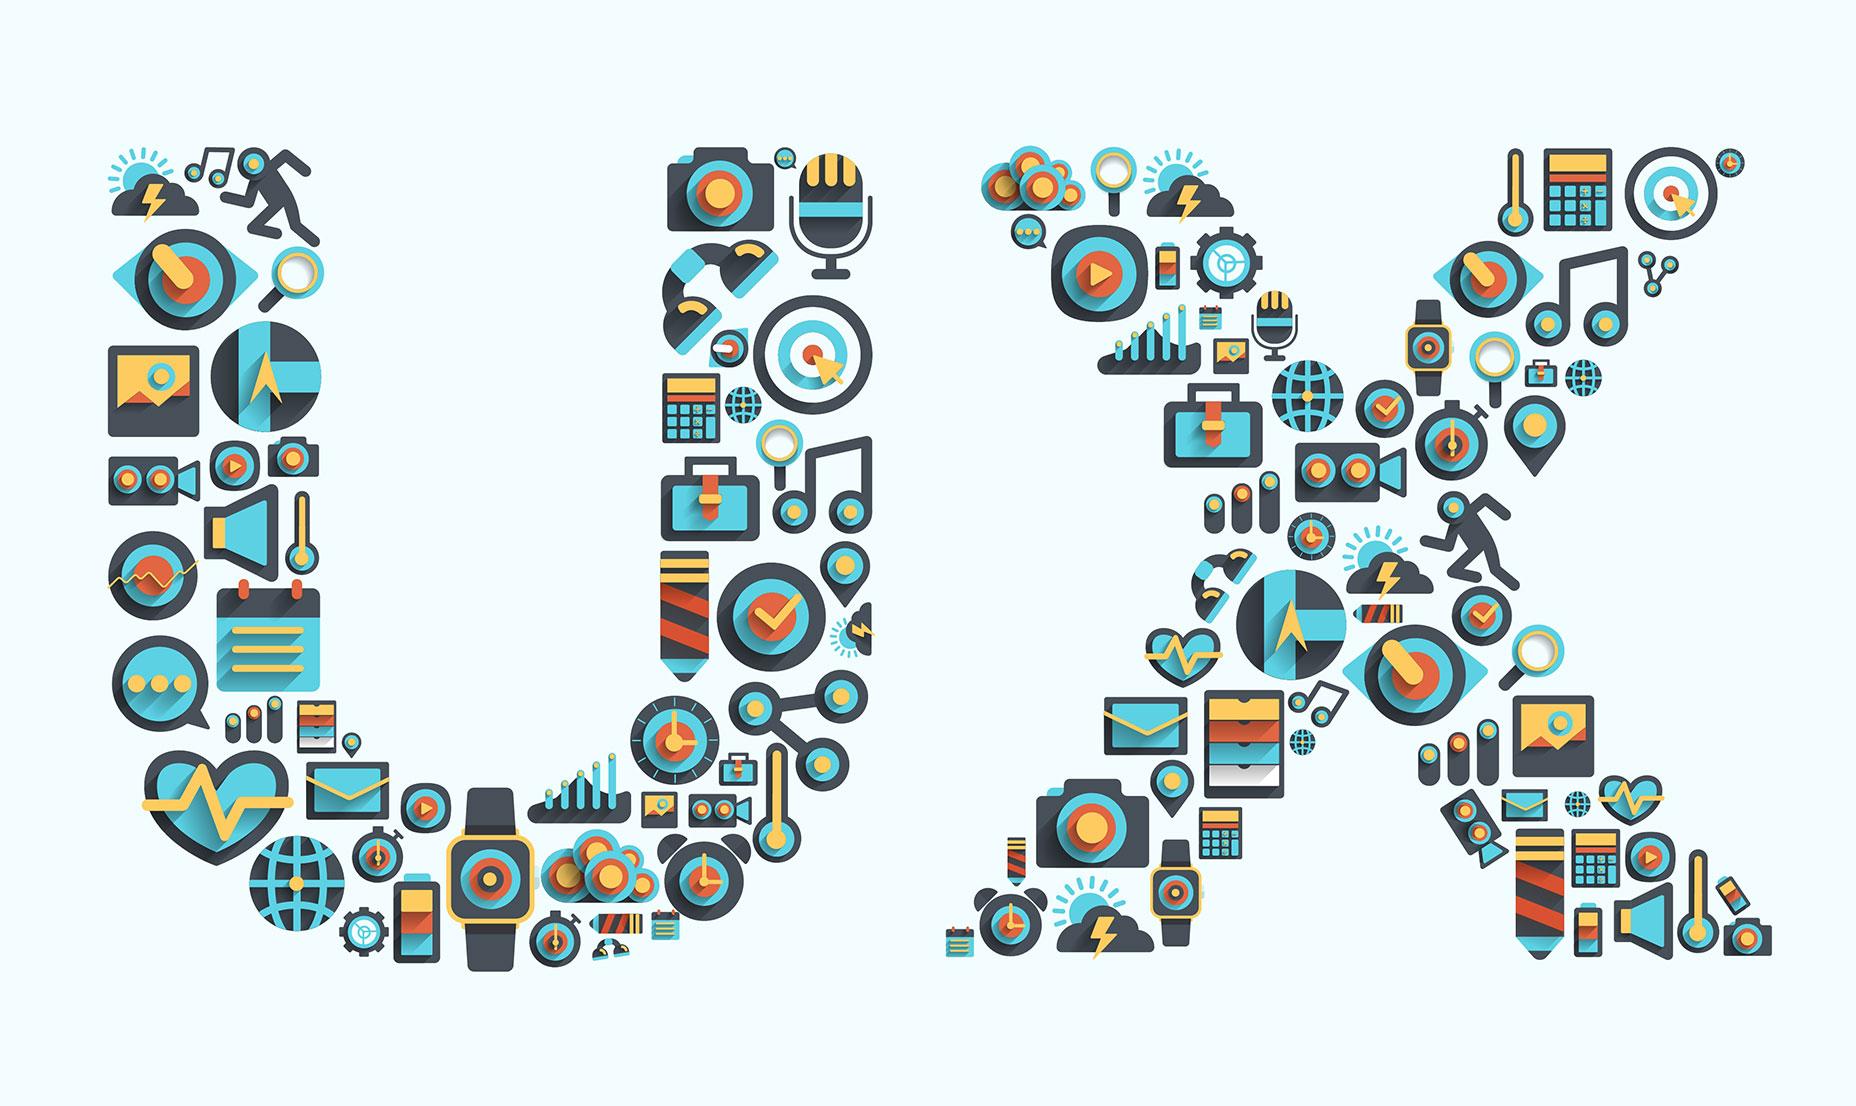 符合網站用戶體驗的原則有哪些 提升網站設計的新高度